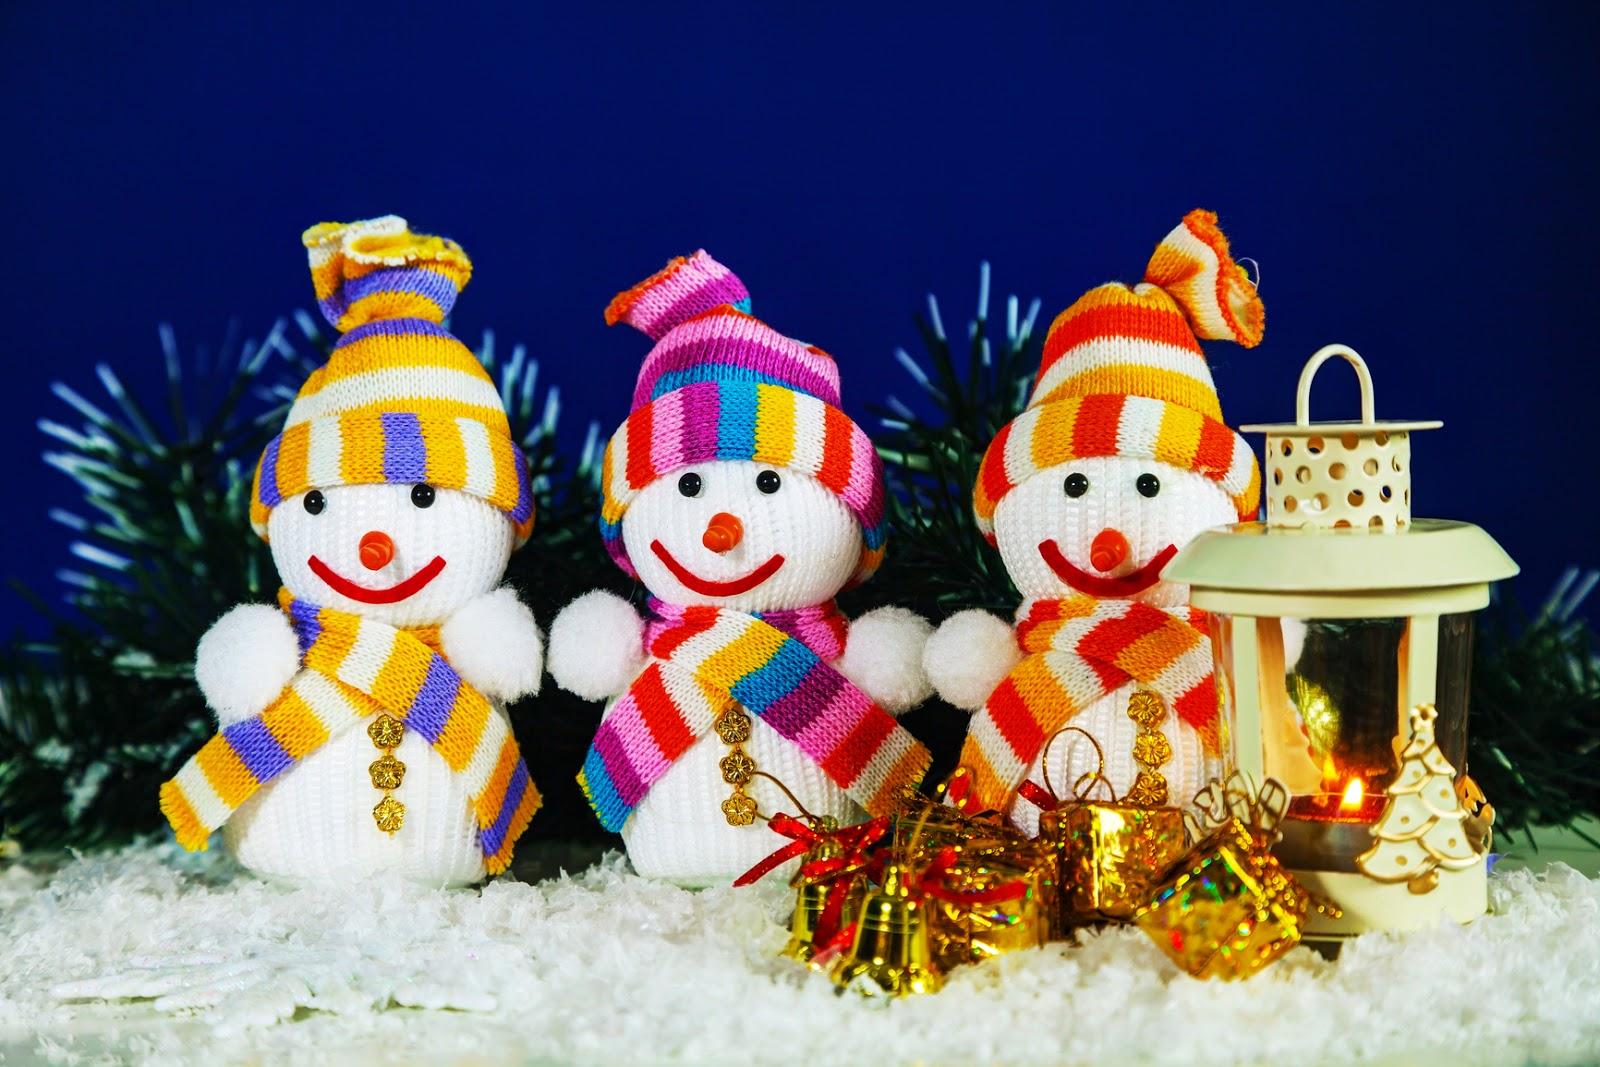 Aqui Hay Imagenes Bonitas De Navidad Para Fondo De: BANCO DE IMÁGENES: 50 Imágenes Para Nochebuena Y Navidad